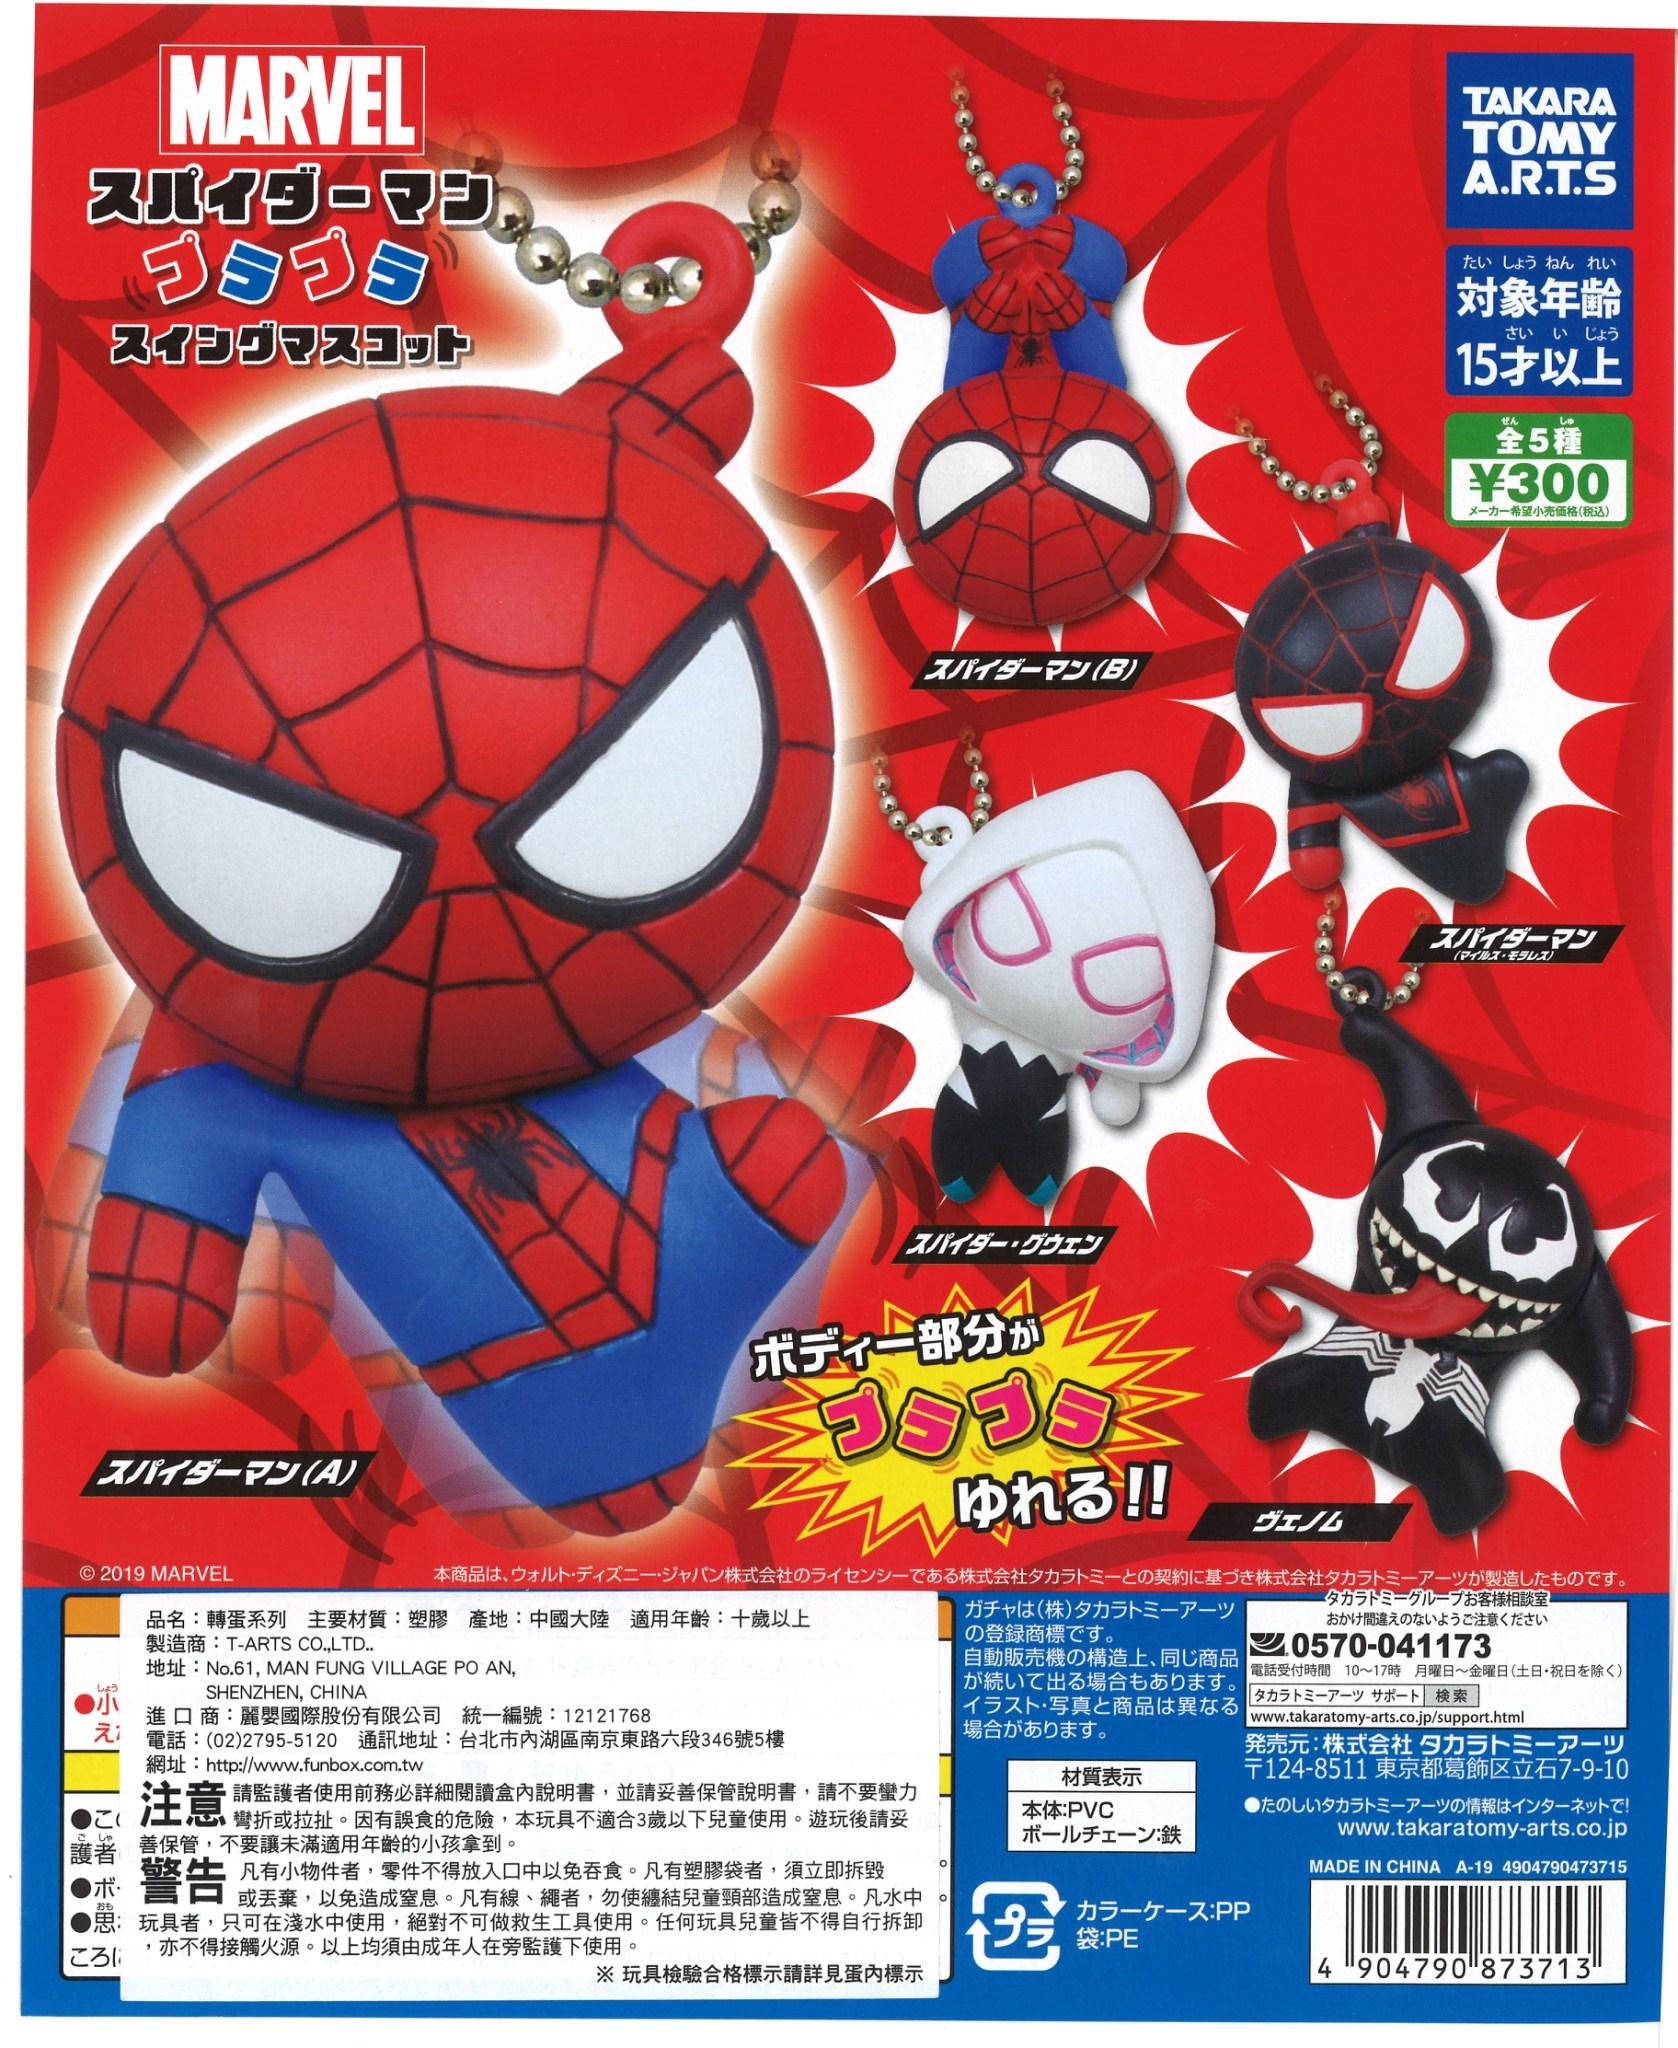 4904790873713 蜘蛛人吊飾 CA87371.jpg